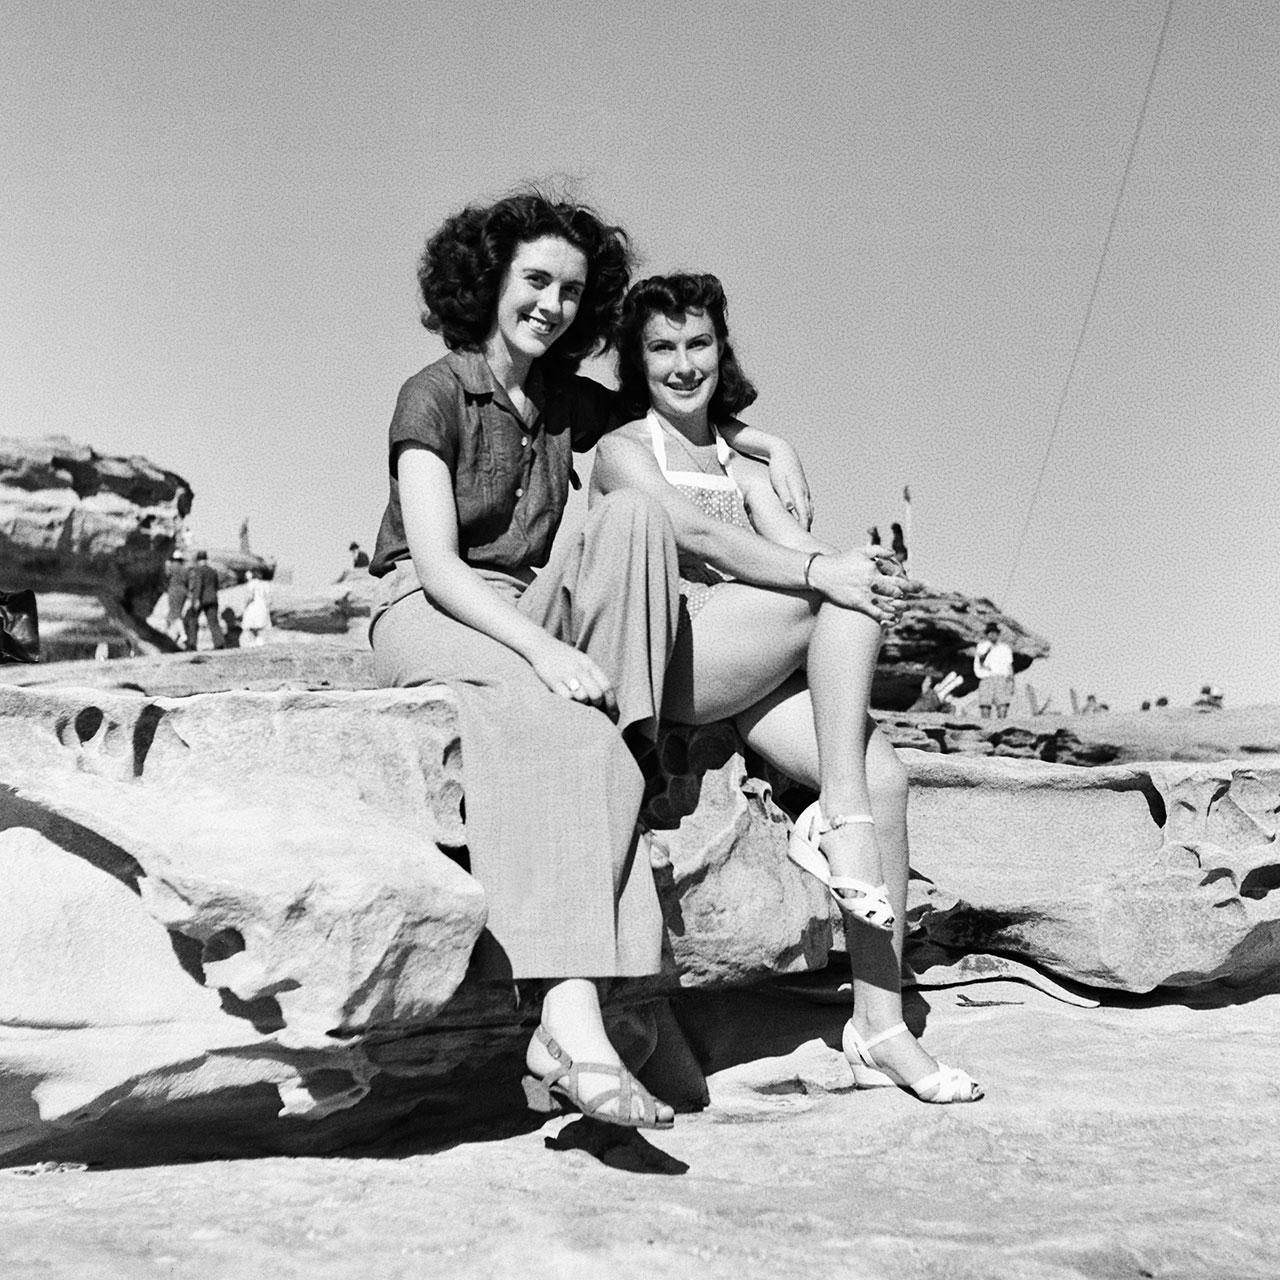 Two women near the obelisk in Ben Buckler park, 19 January 1941. (Digital ID: a2391057)